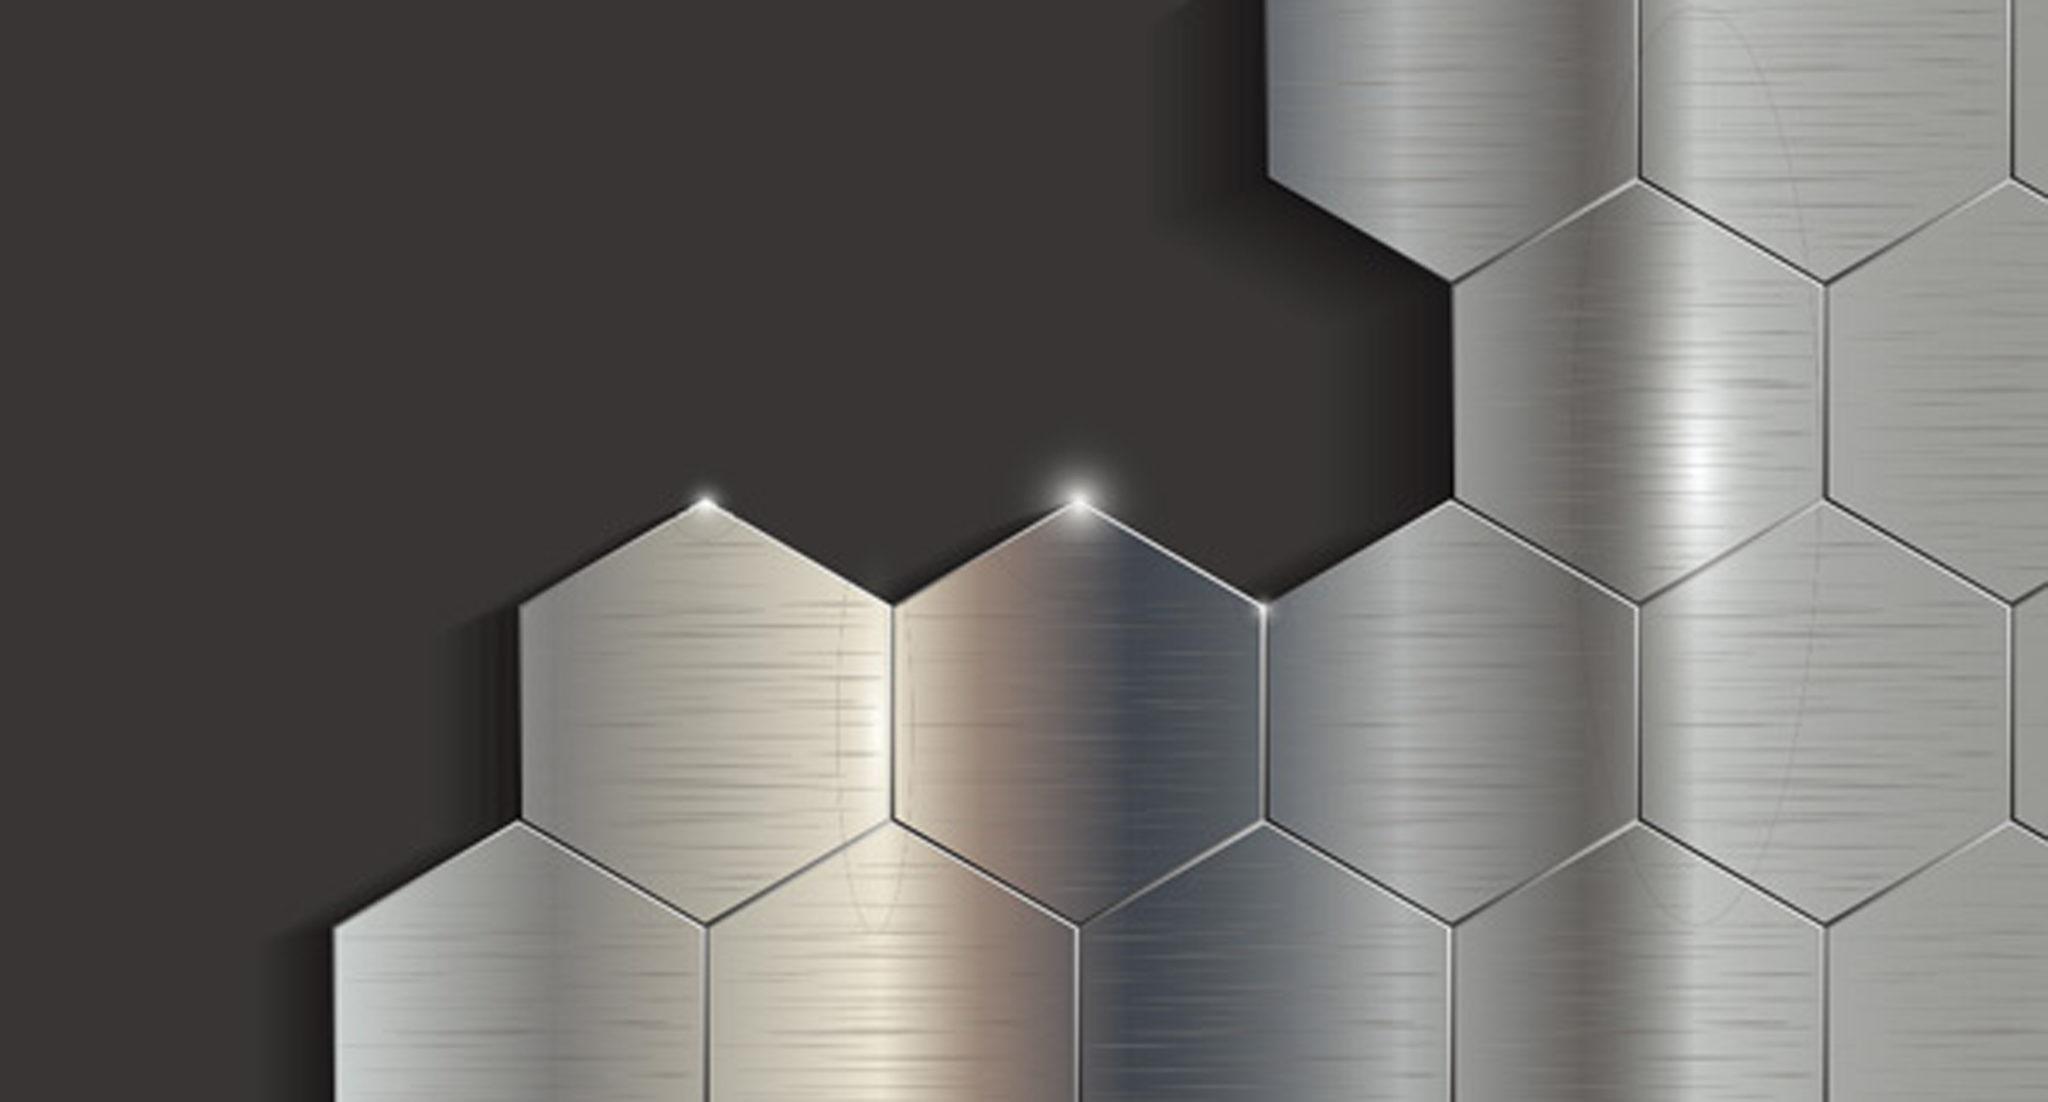 Titanium Minerals and Metals